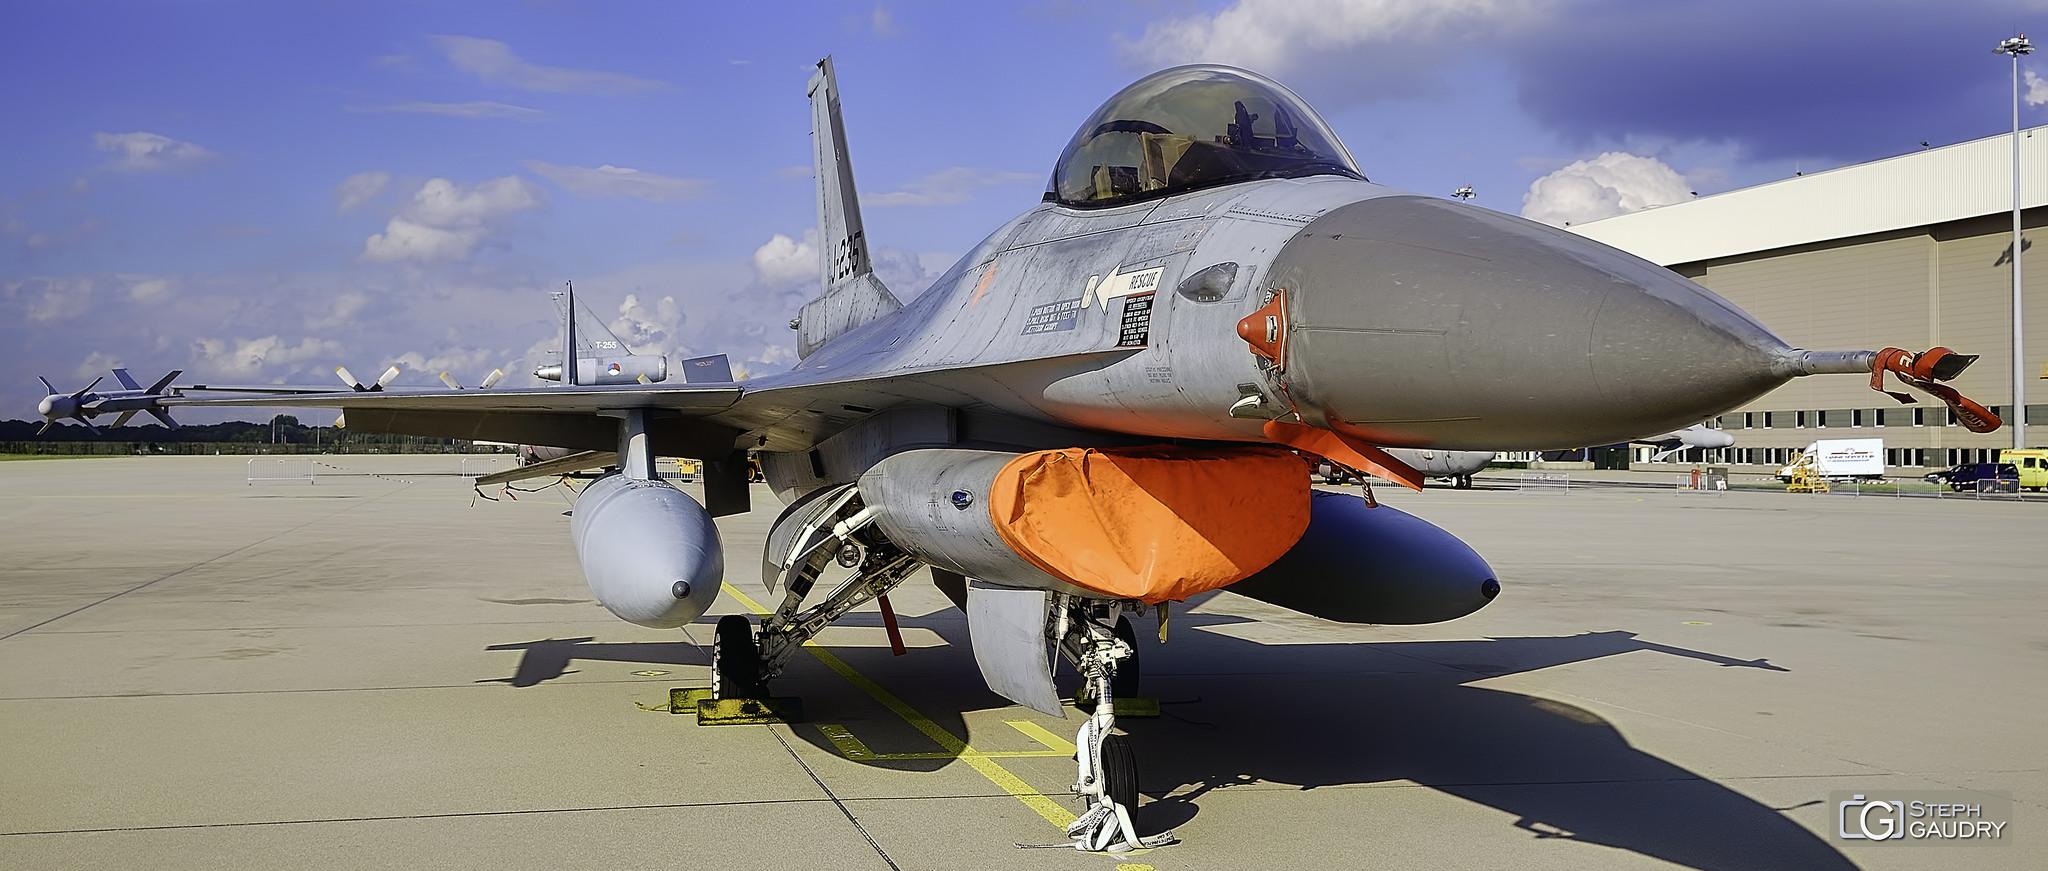 EHEH - F-16 Fighting Falcon [Cliquez pour lancer le diaporama]